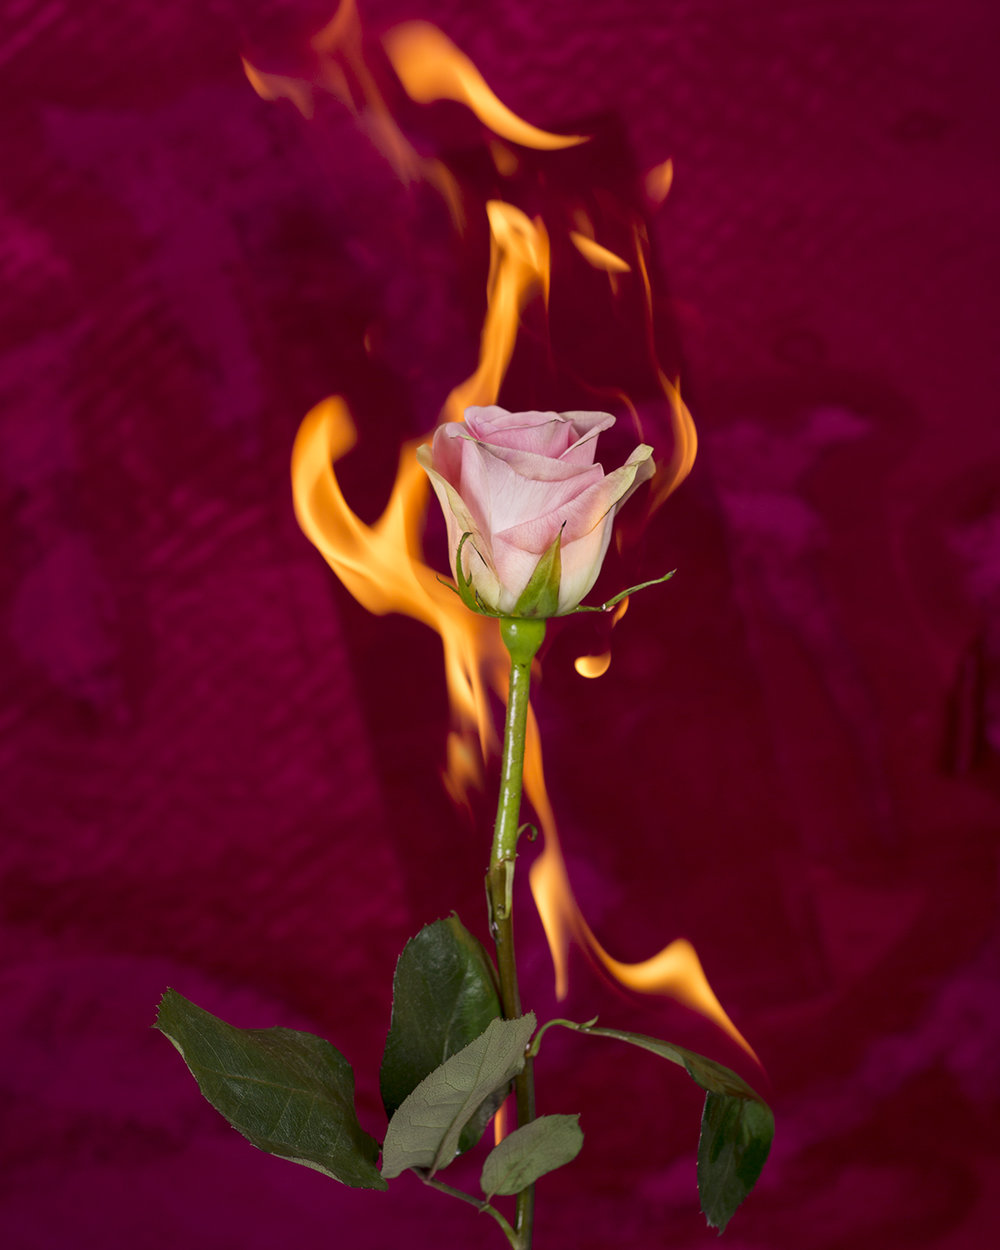 Burning Rose, 2017